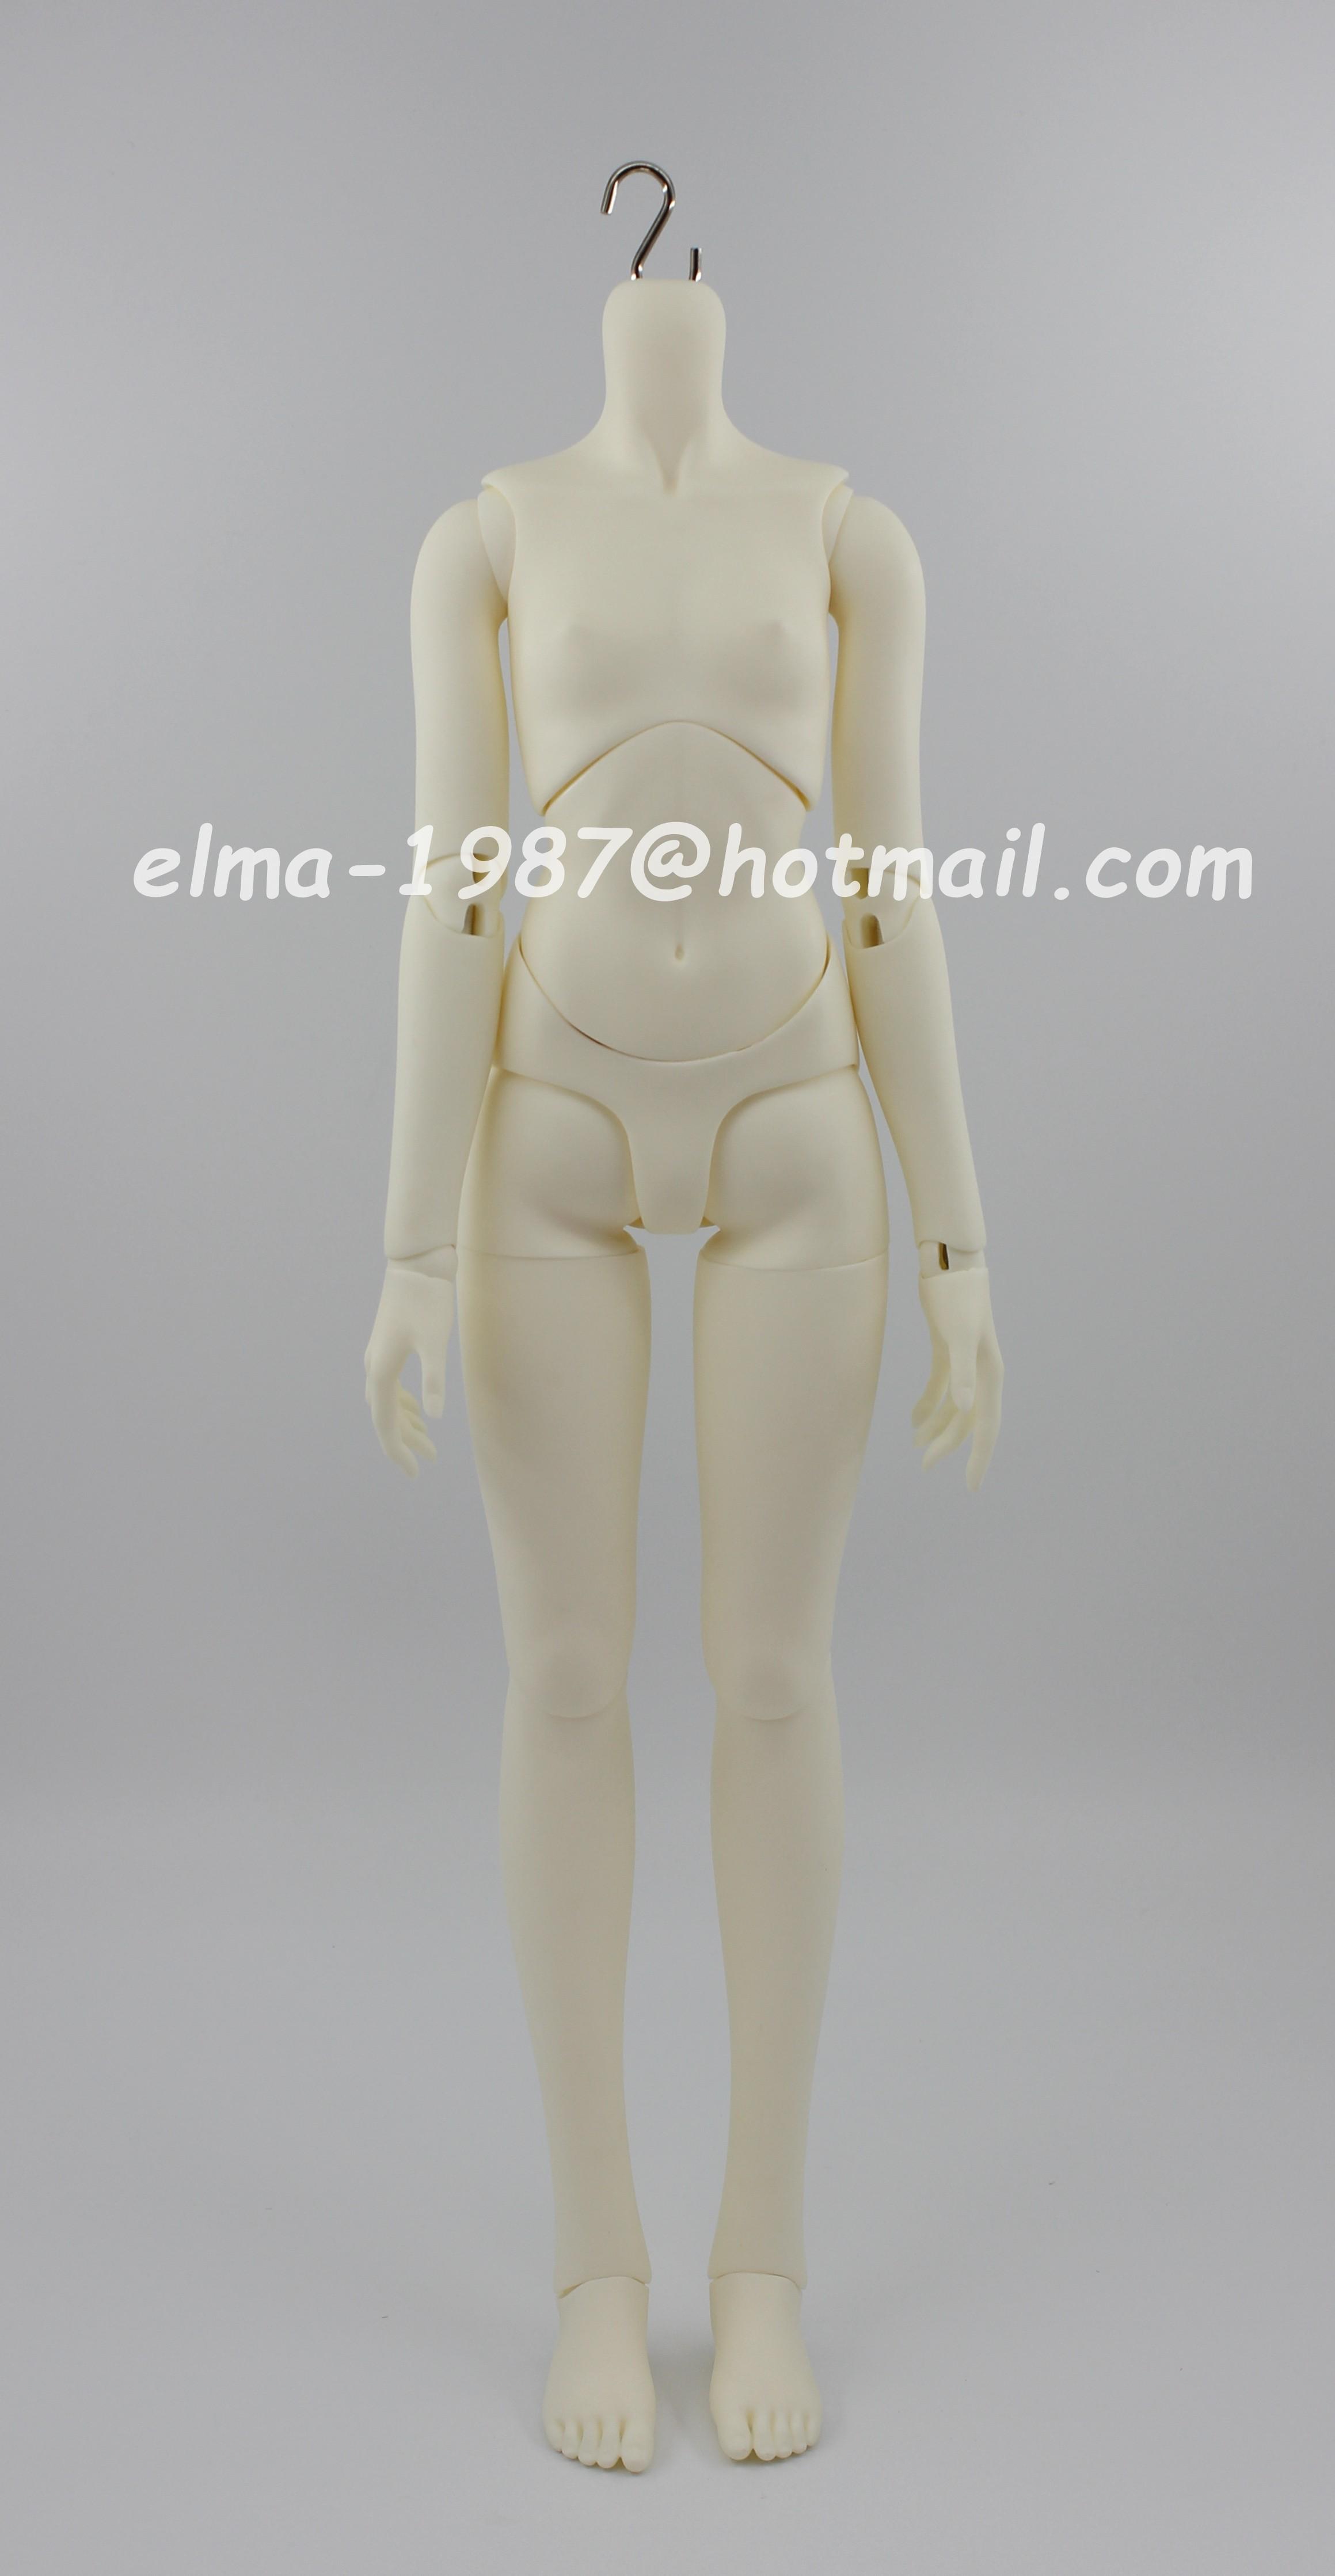 http://bjd-shop.com/blog/wp-content/uploads/2021/10/sdgr-flat-feet-small-breasts-body-3.jpg